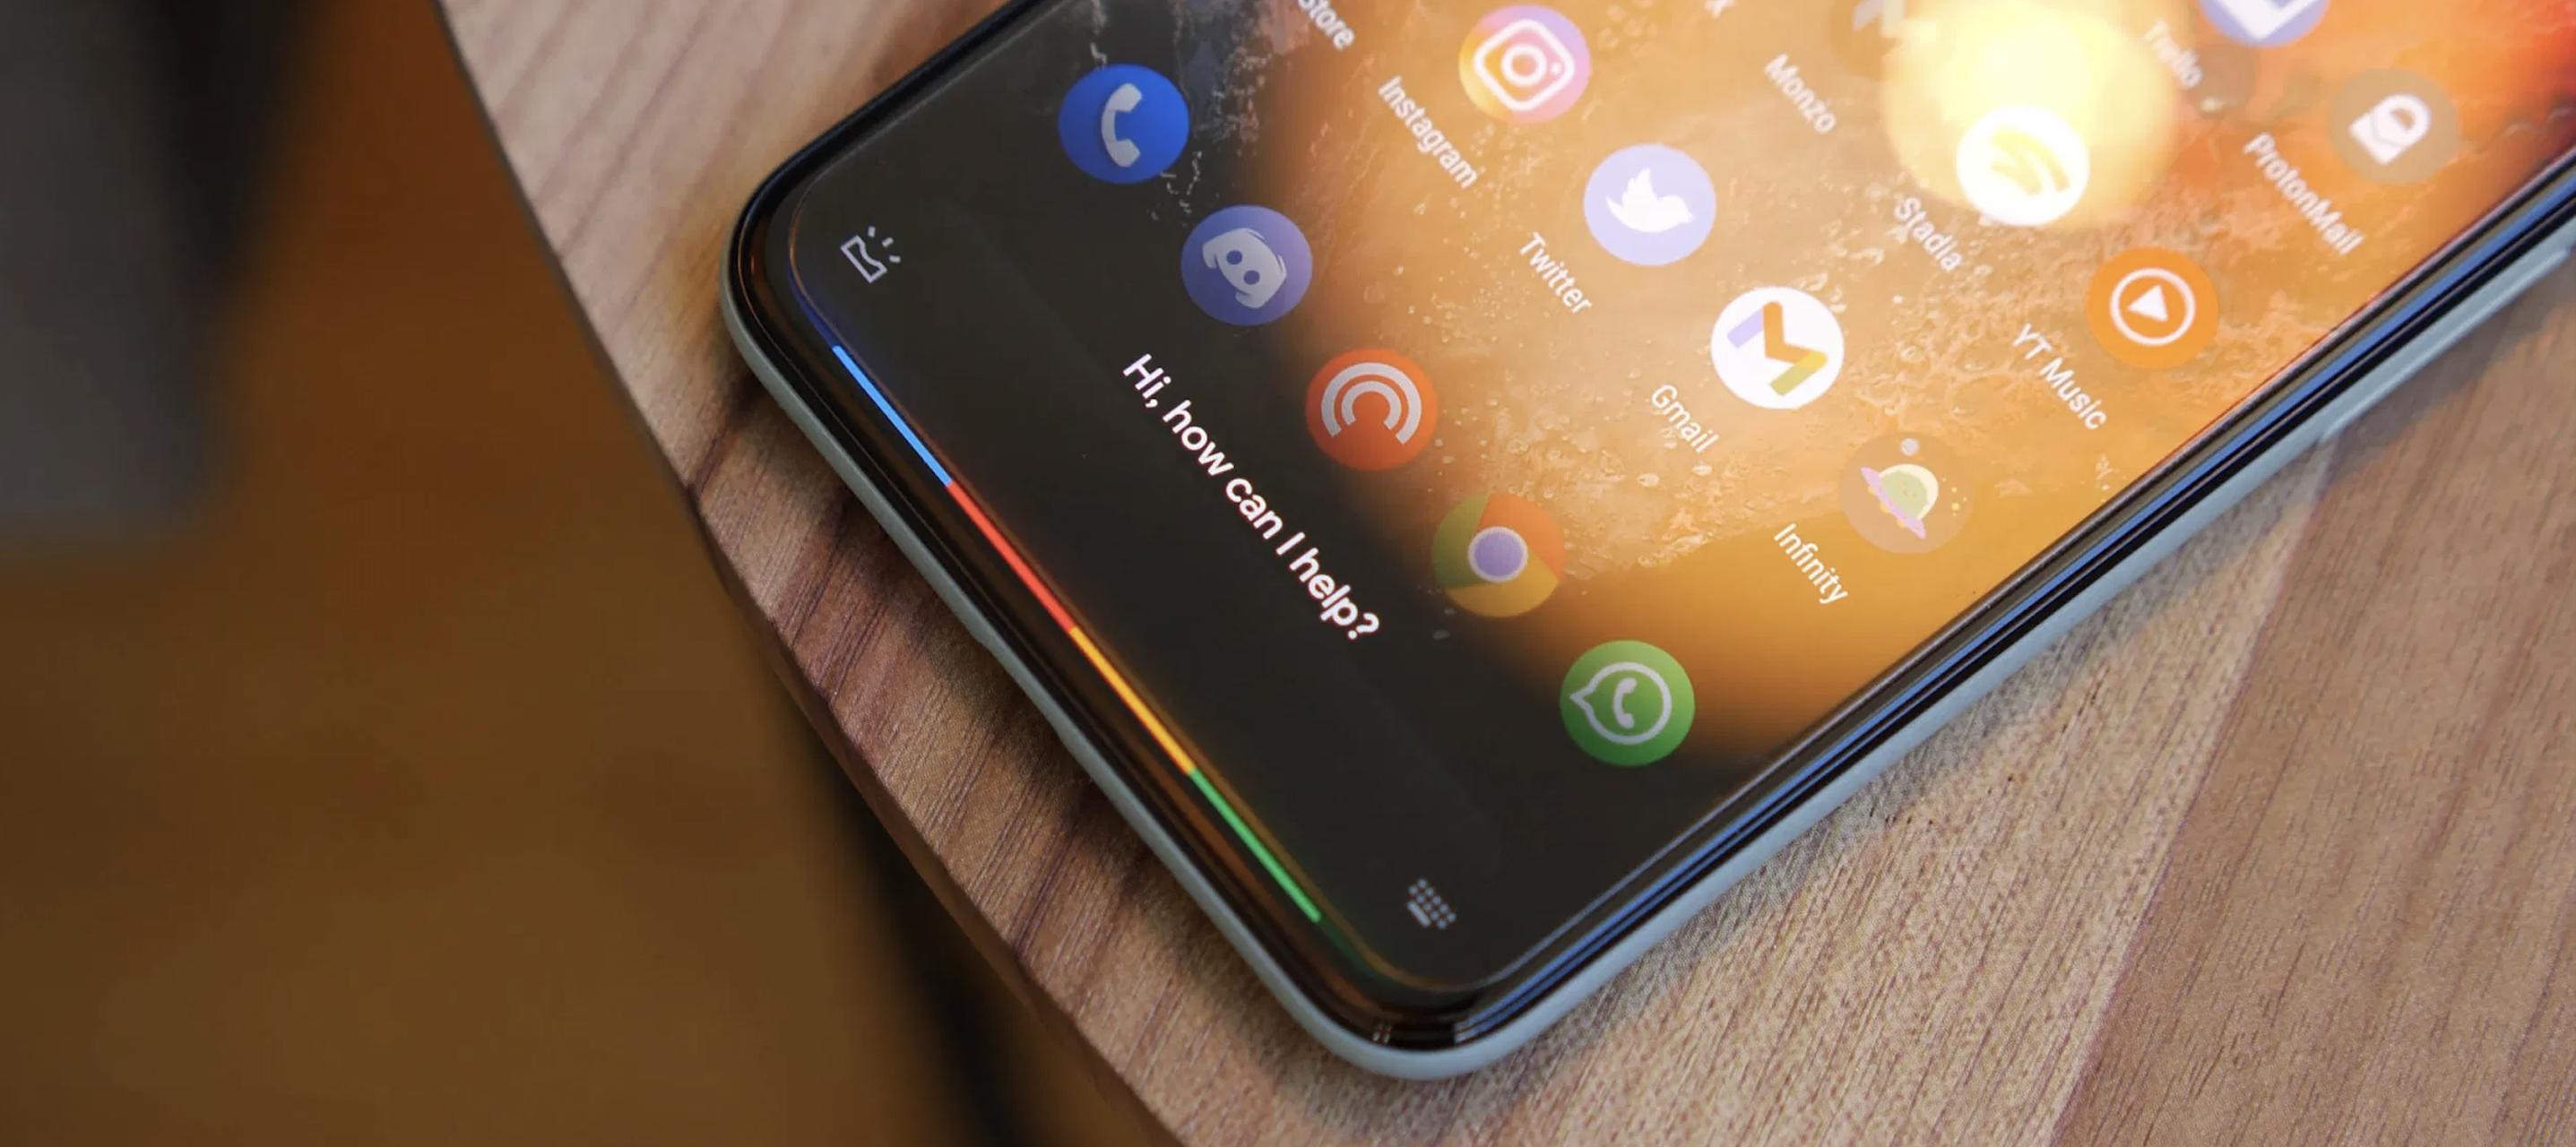 Obrazek przedstawia telefon z aktywnym Asystentem Google.